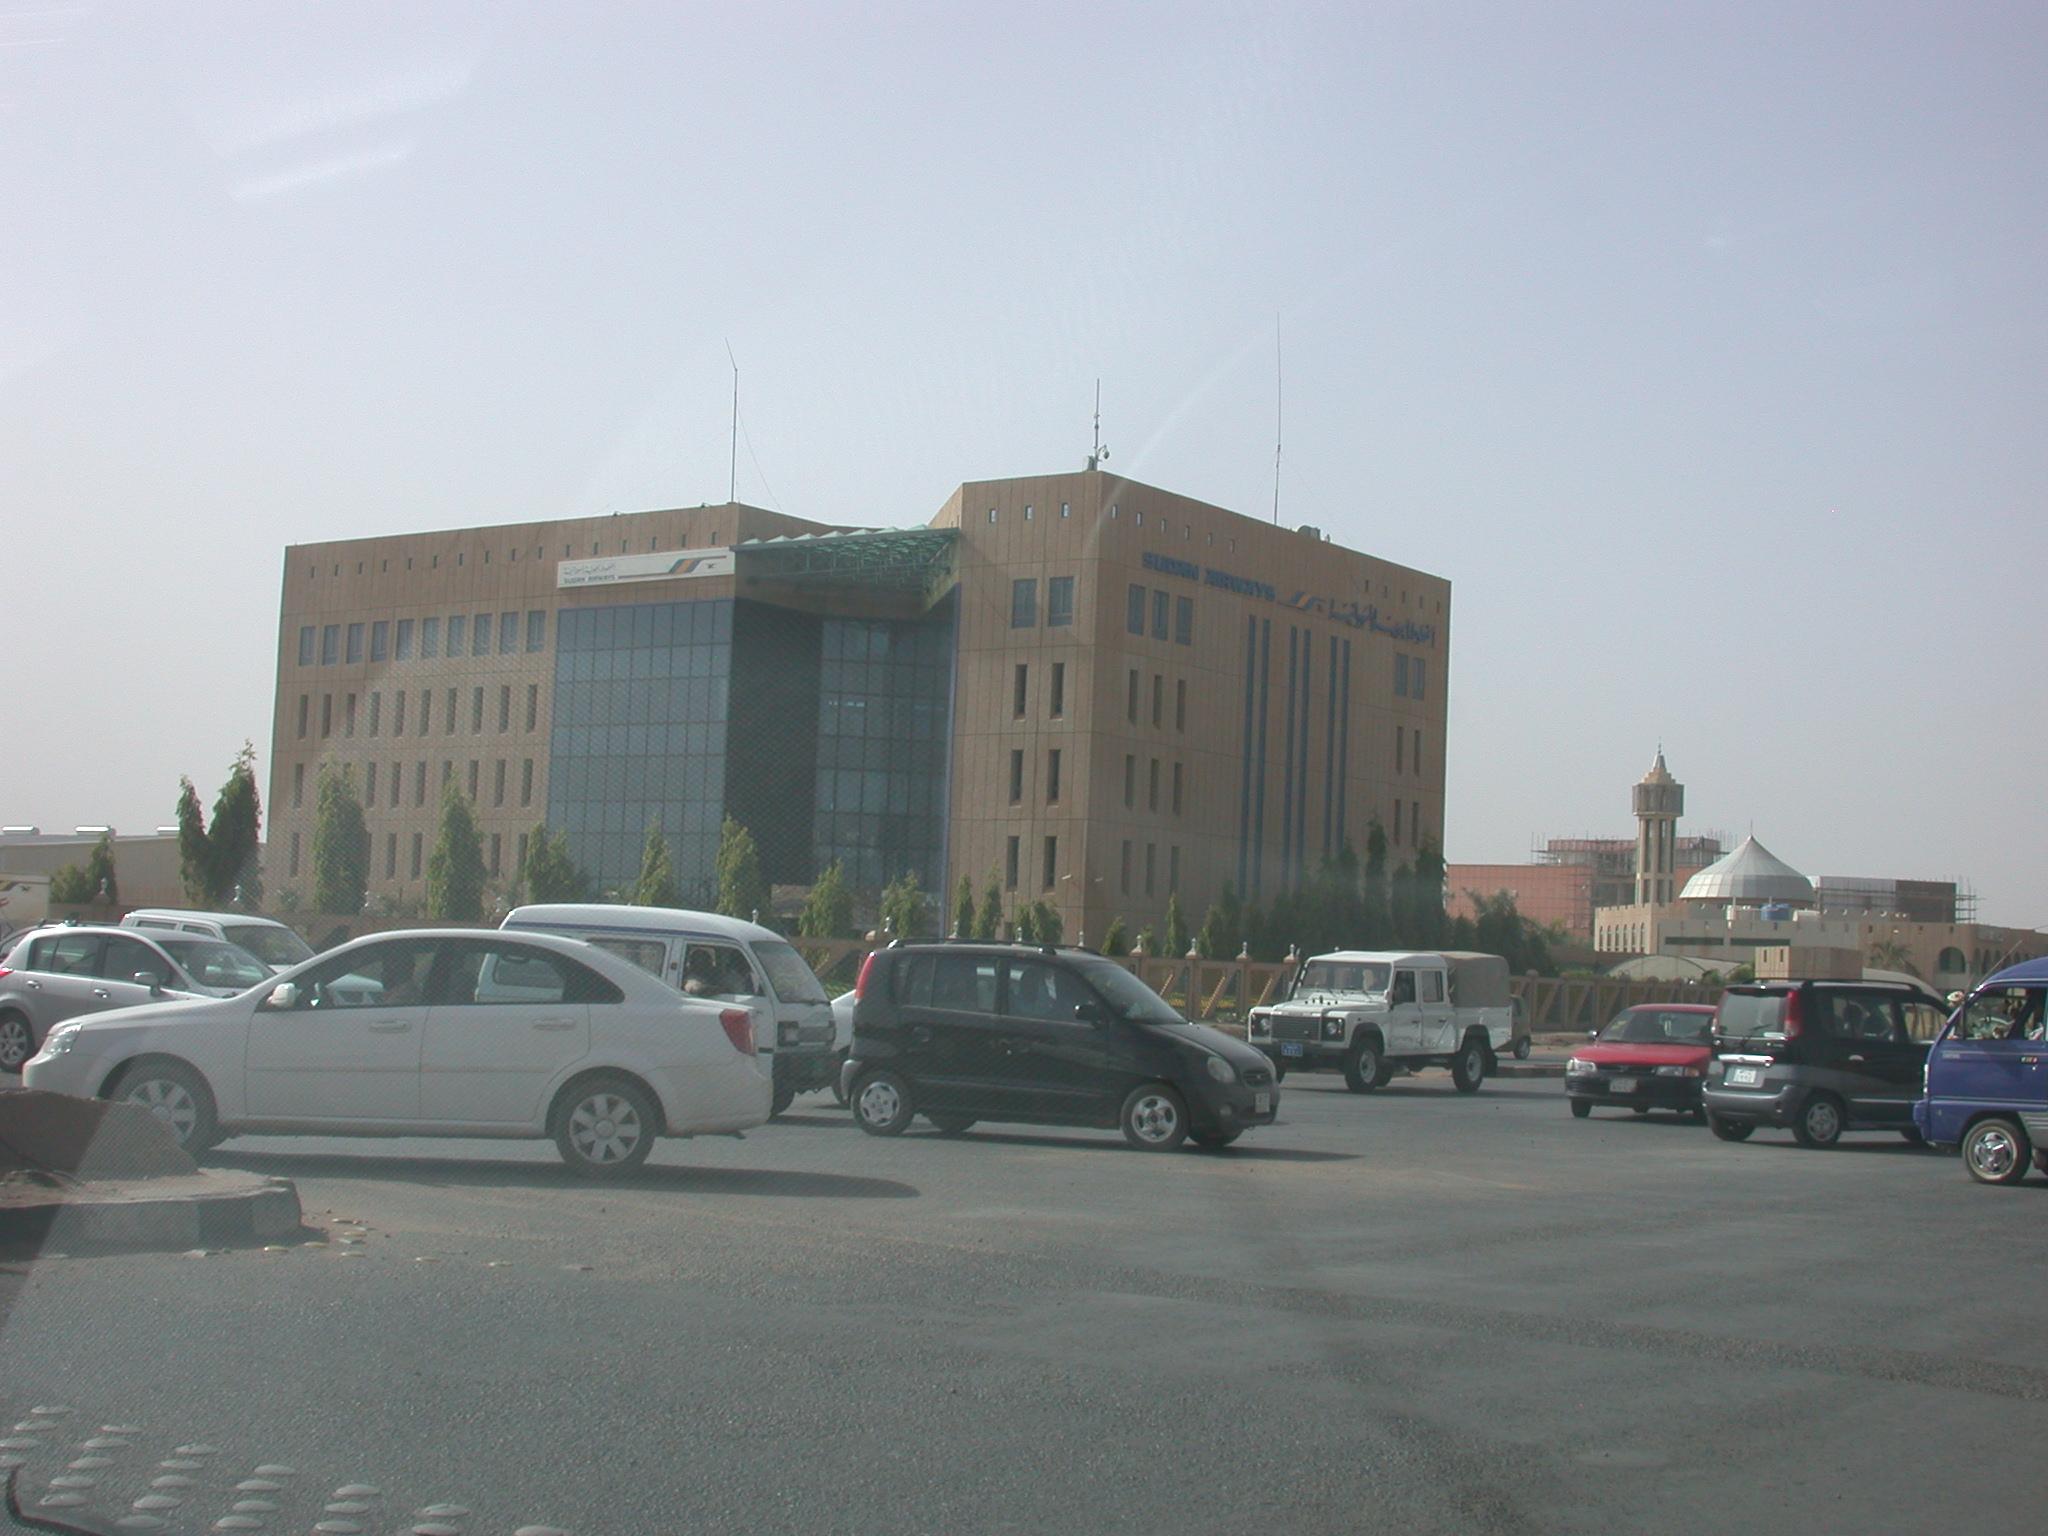 City Scene, Khartoum, Sudan